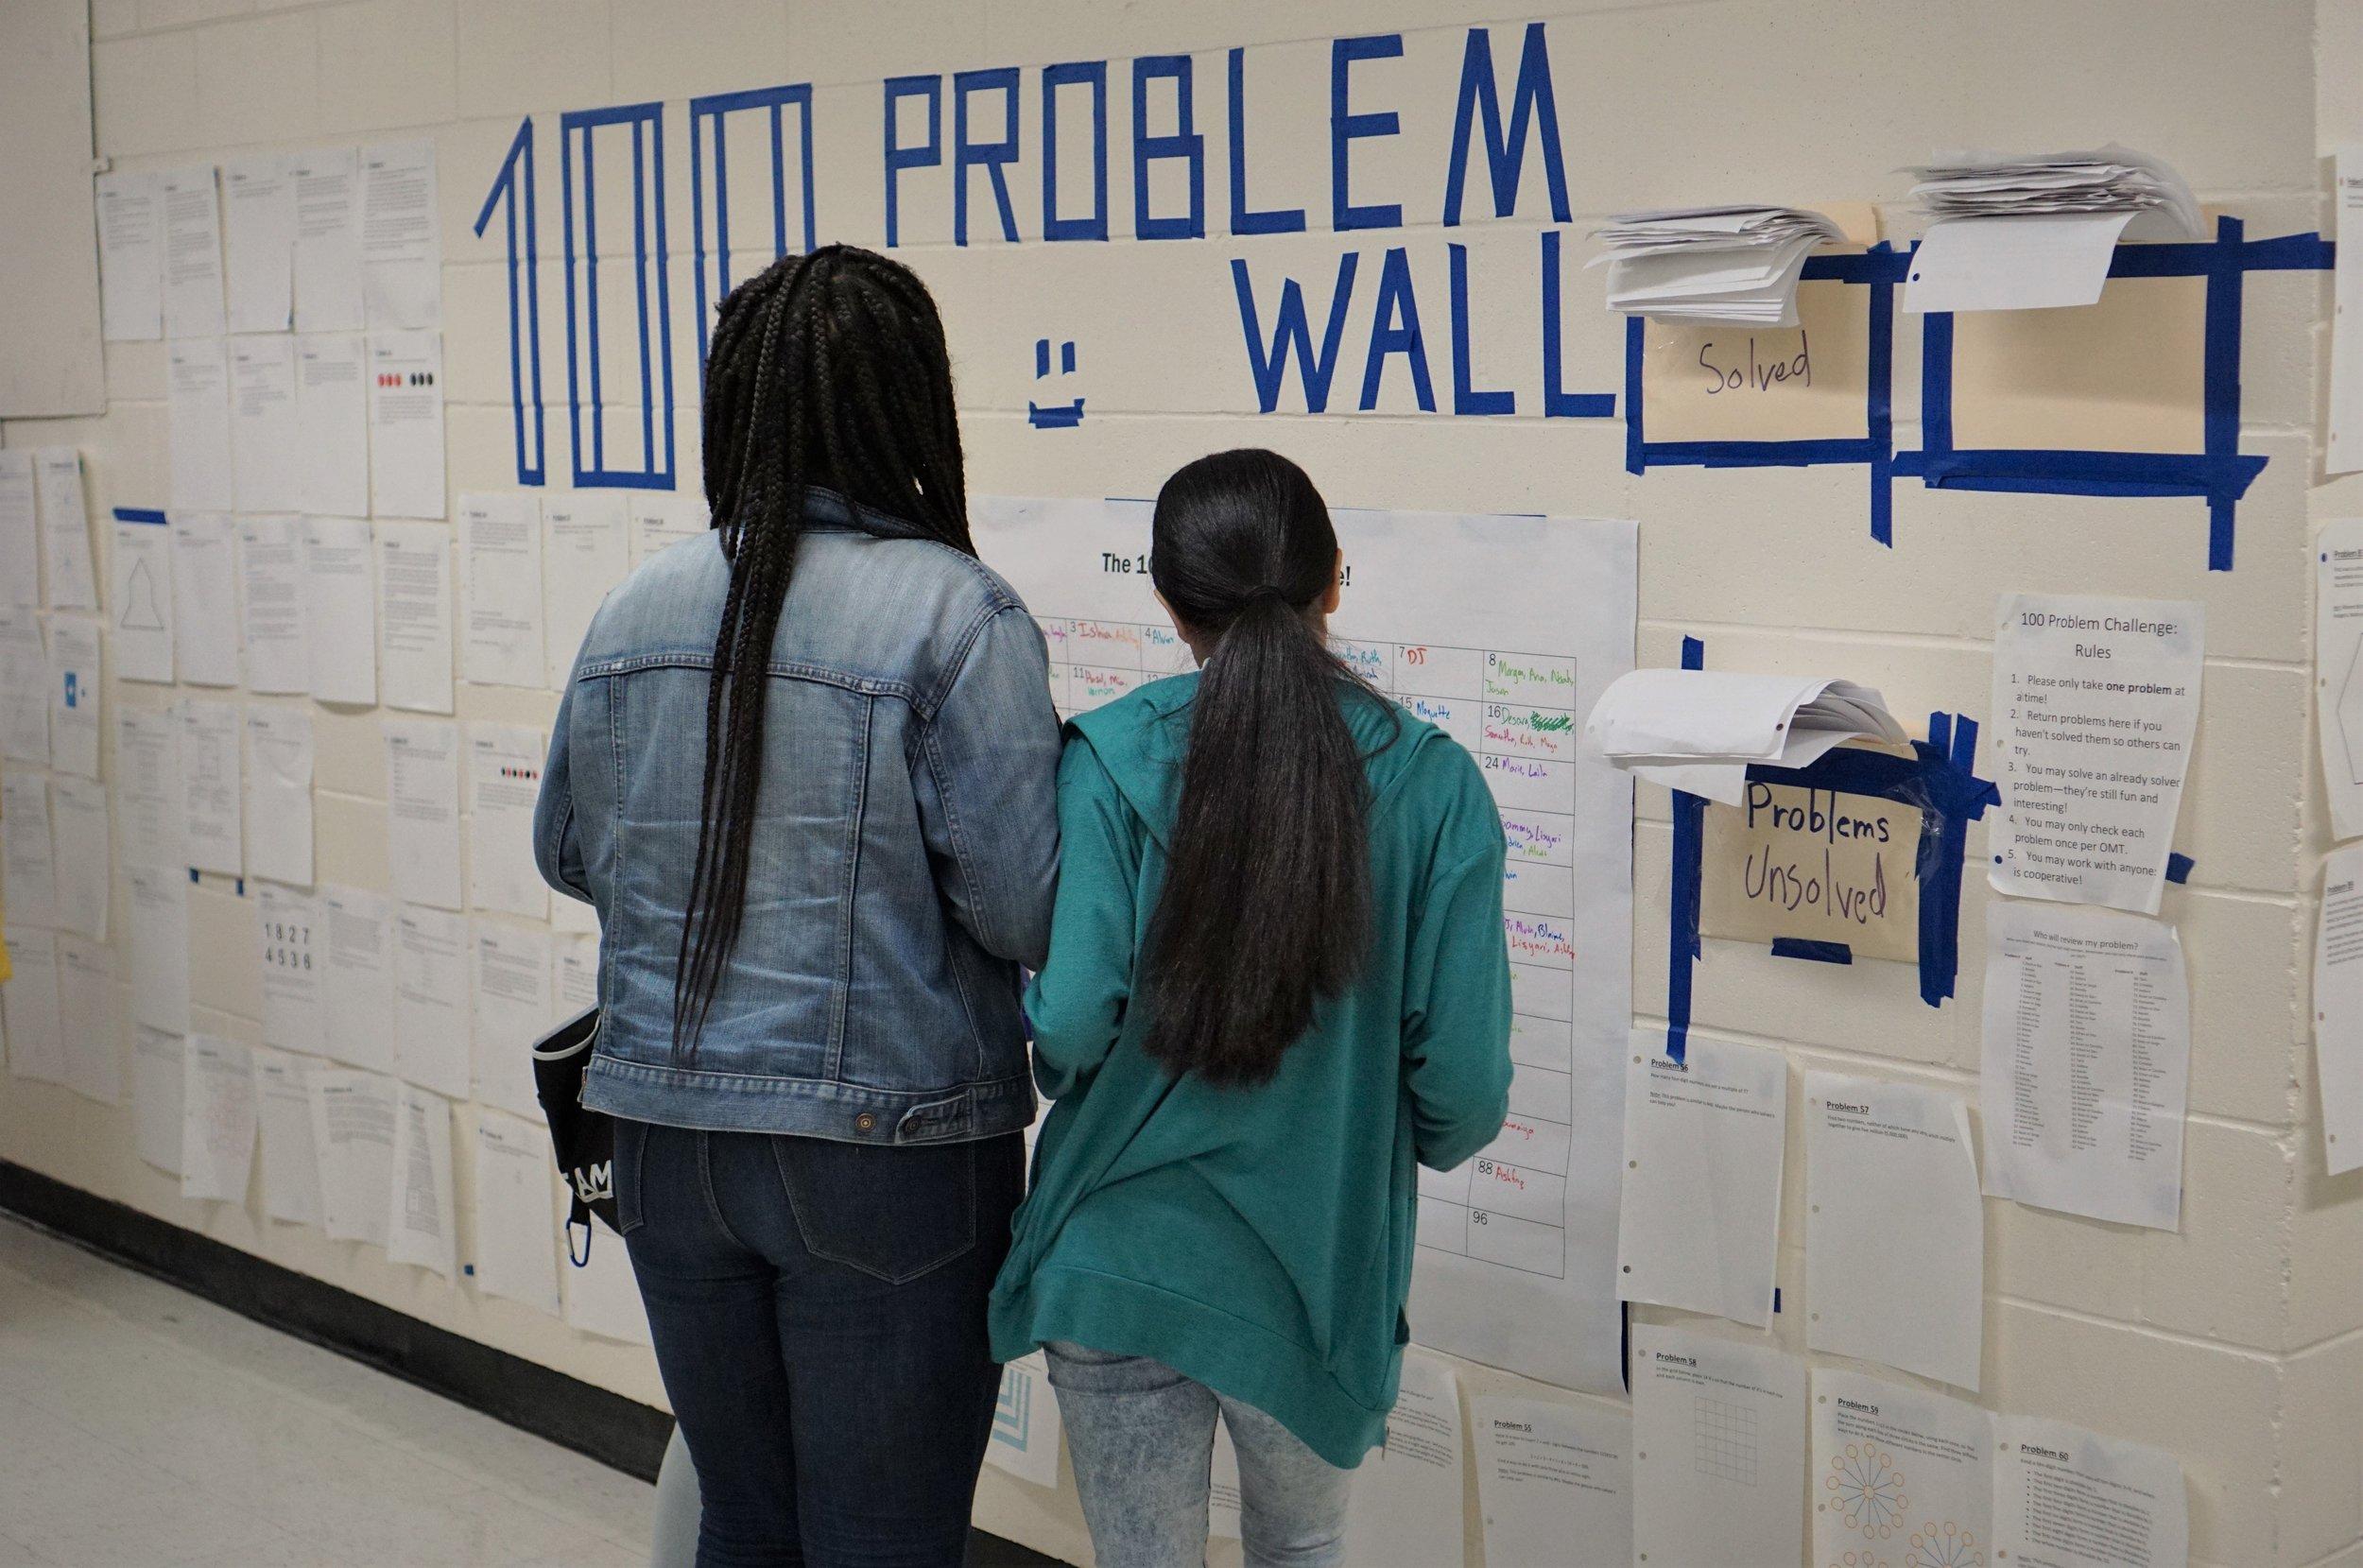 100 Problem Wall.jpg